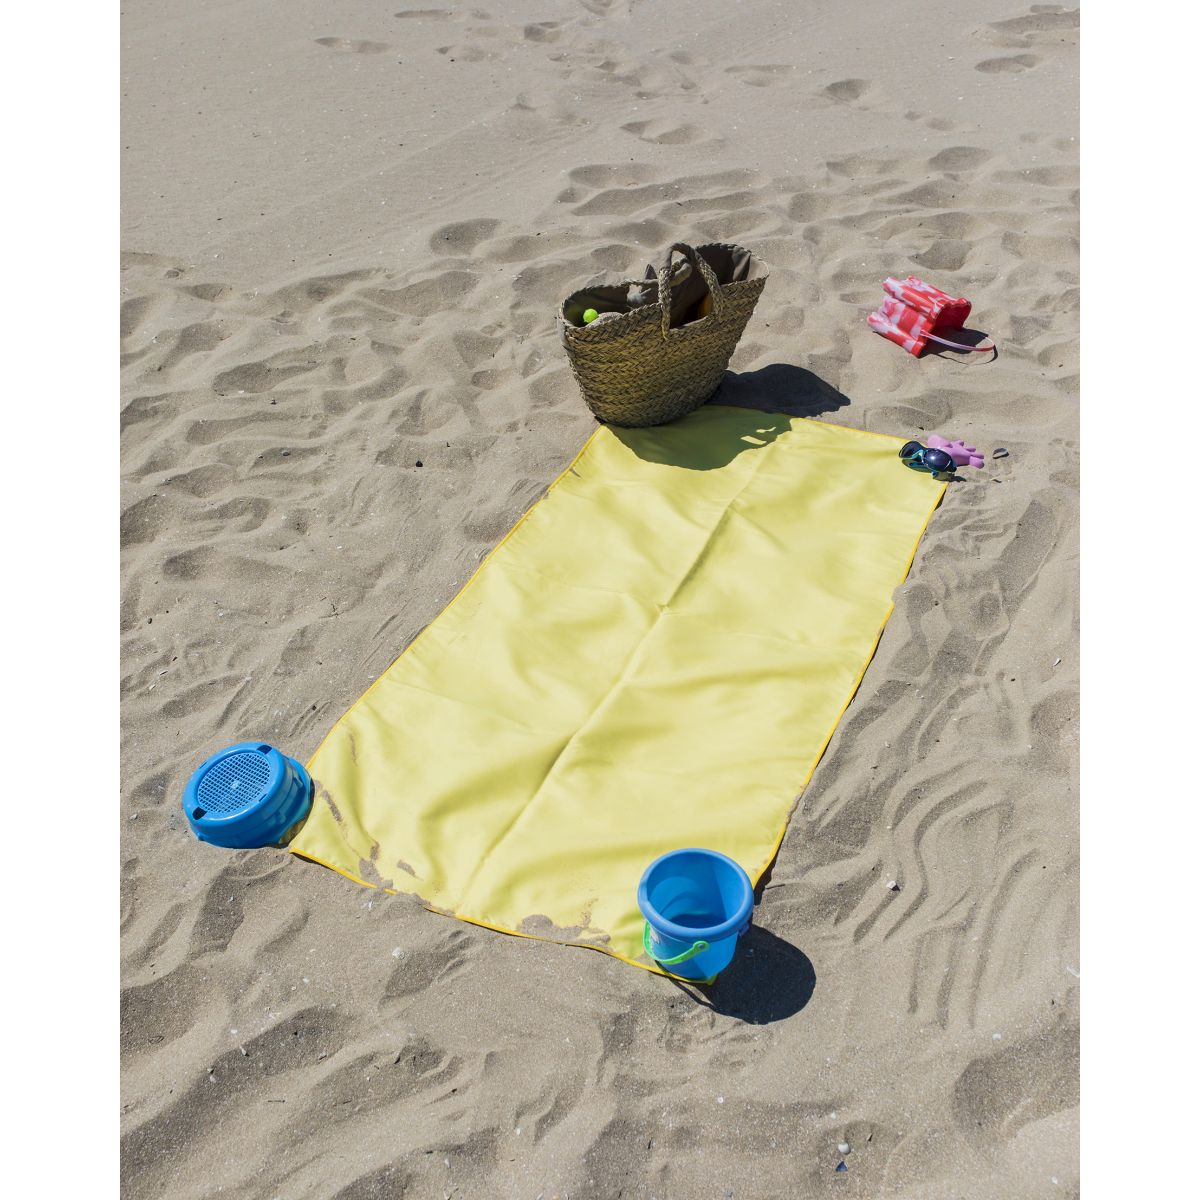 drap de plage enfant microfibre heiata coloris jaune. Black Bedroom Furniture Sets. Home Design Ideas